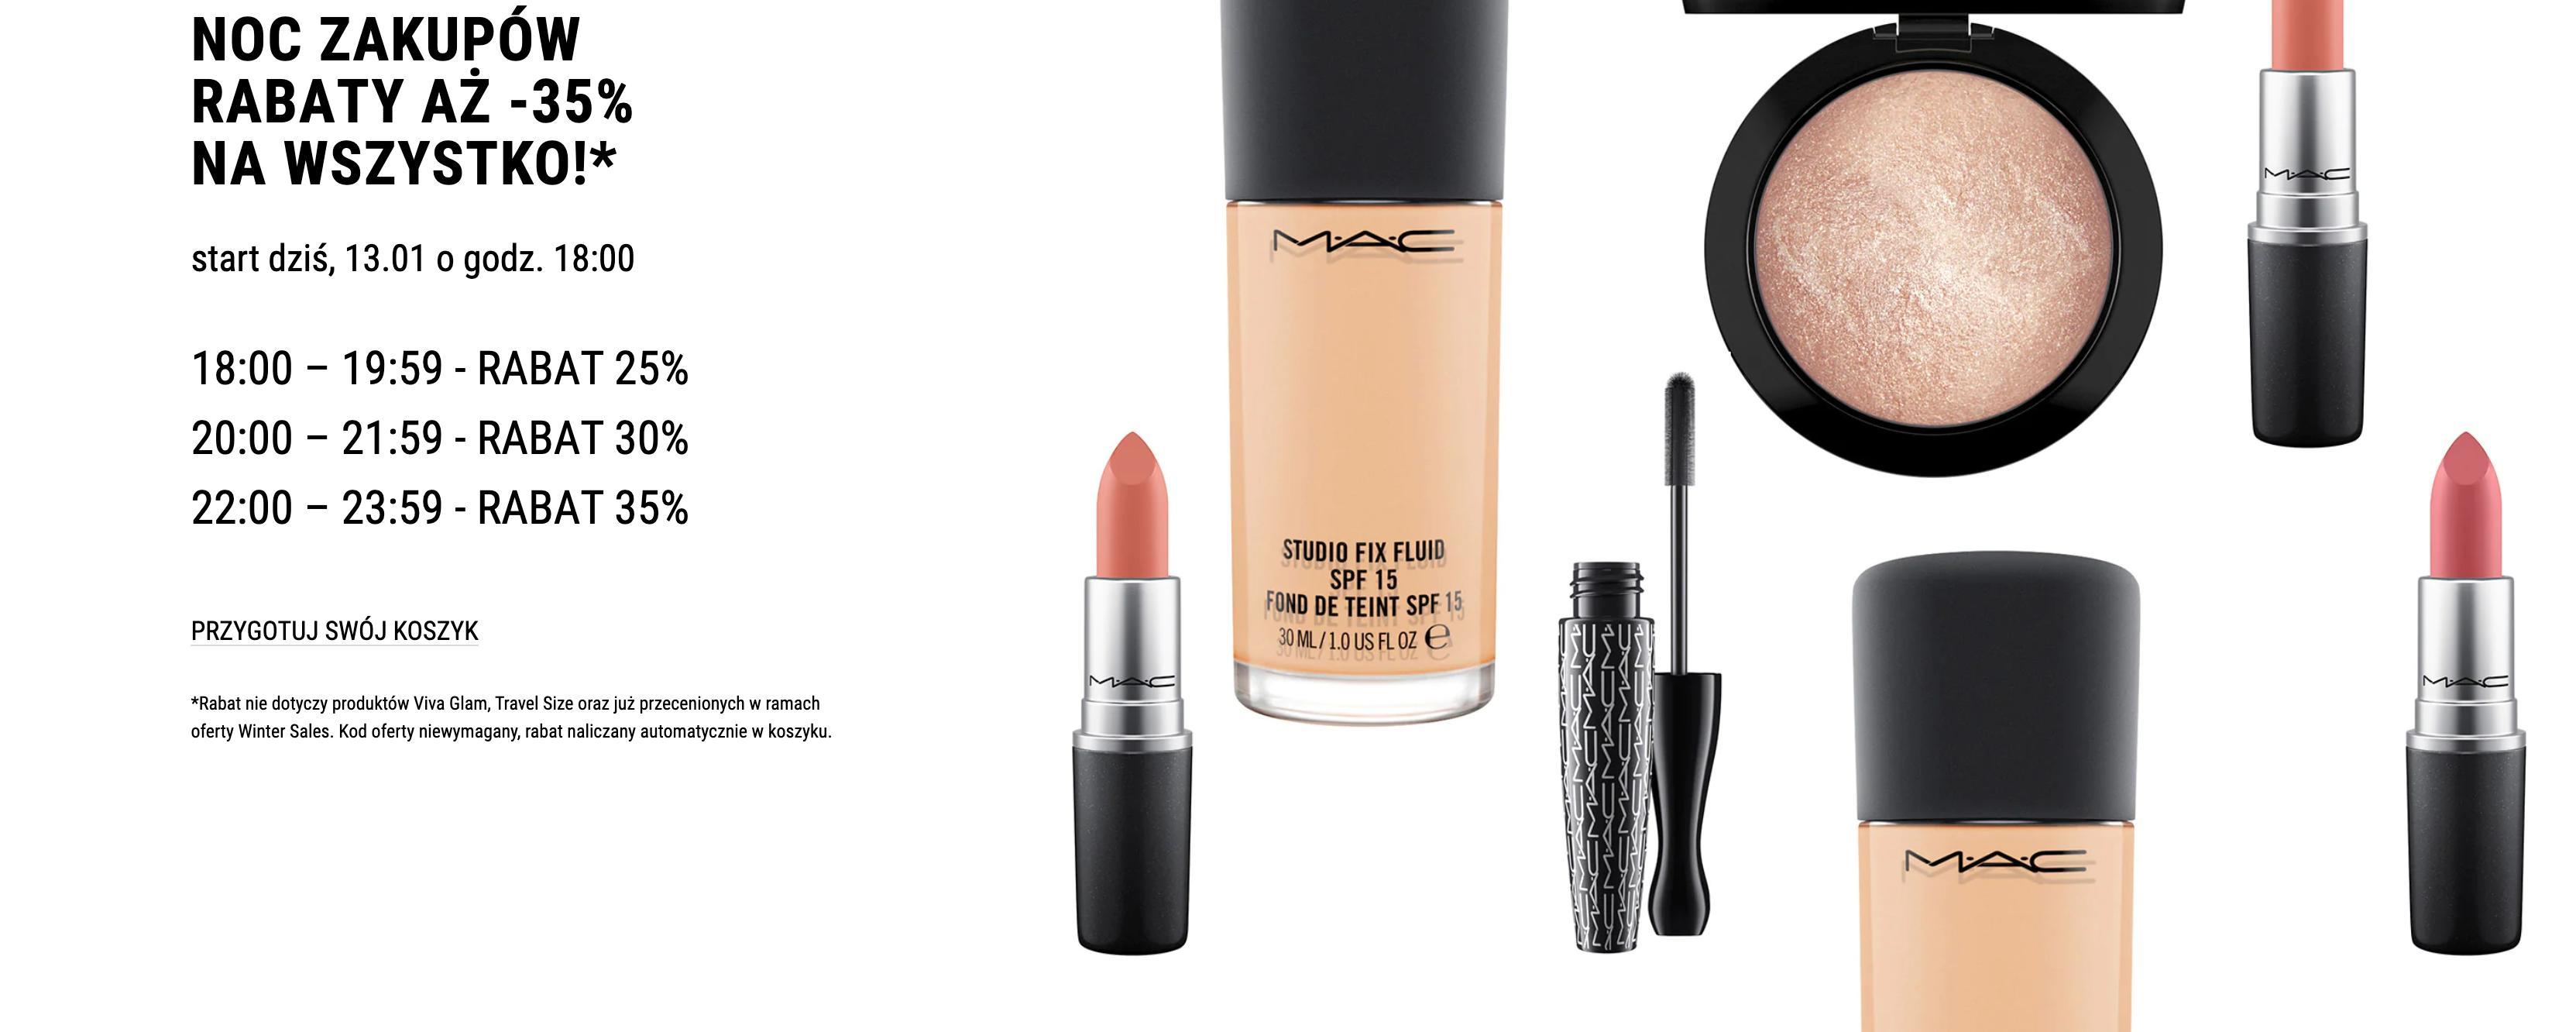 Mac Cosmetics Mac Cosmetics: Noc Zakupów do 35% rabatu na kosmetyki do makijażu